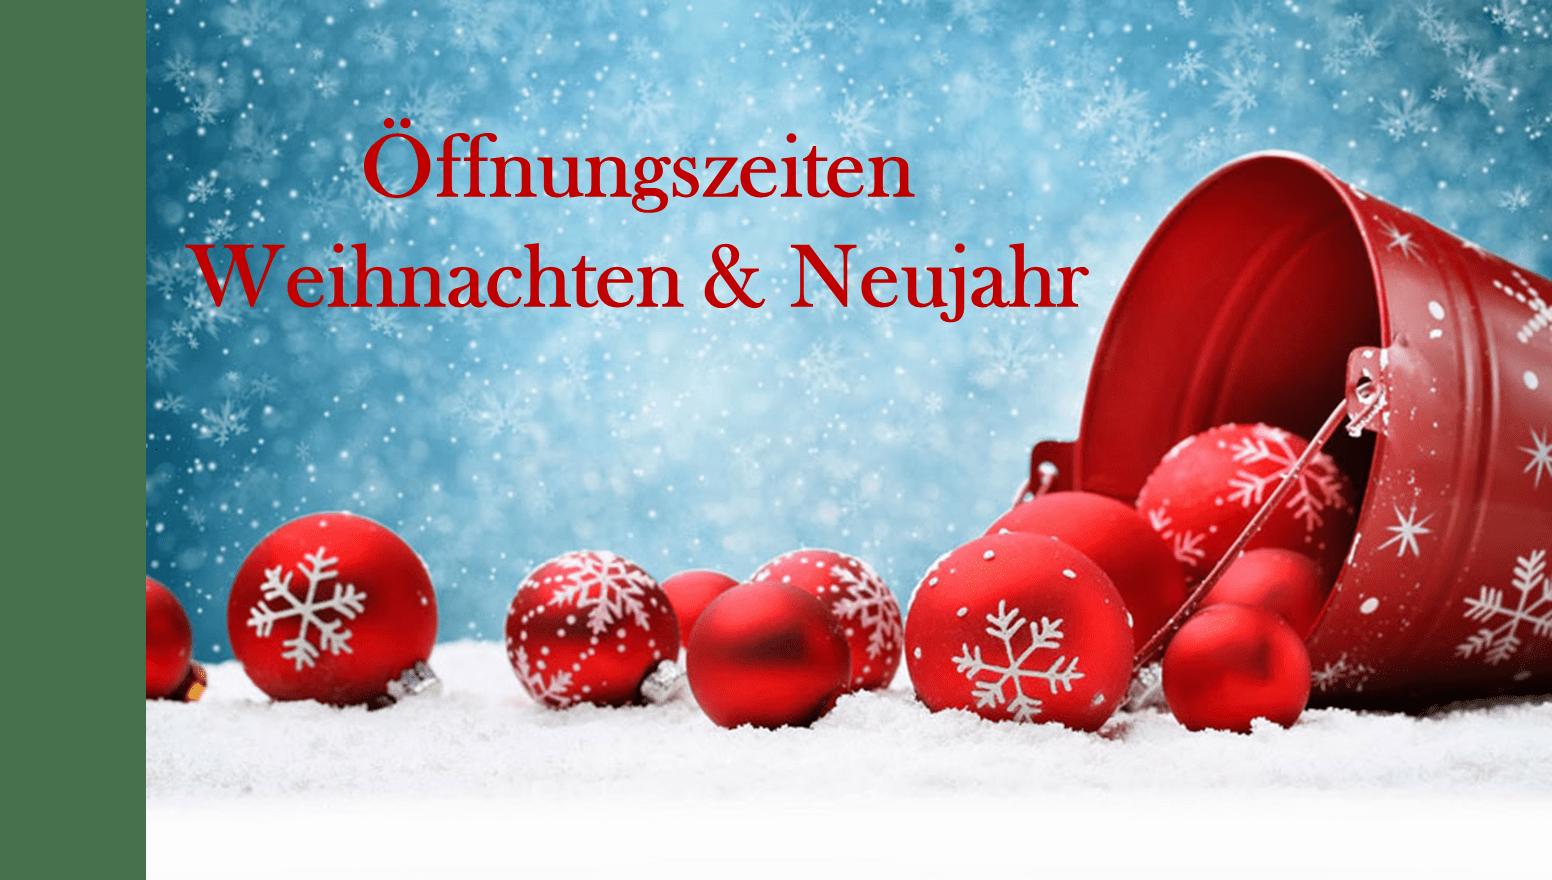 Weihnachten öffnungszeiten